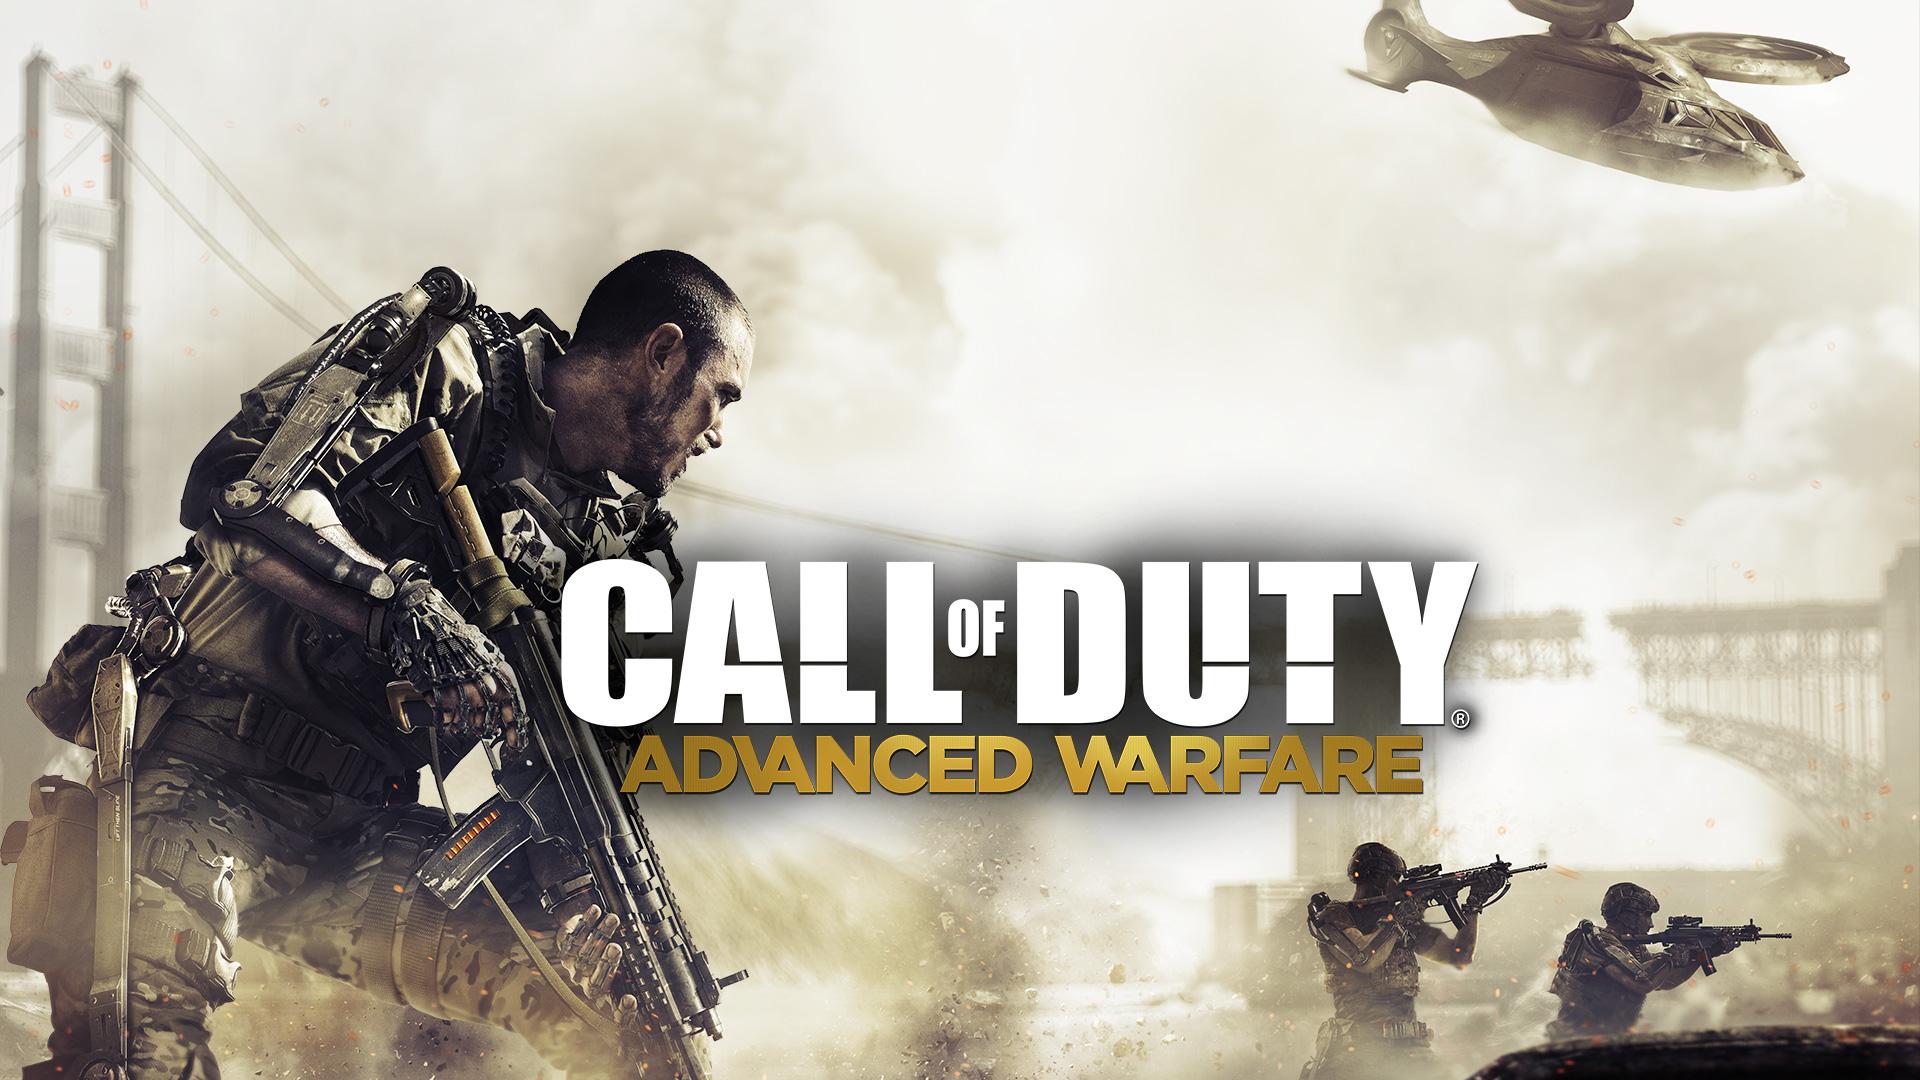 Final Call of Duty: Advanced Warfare DLC Pack Announced